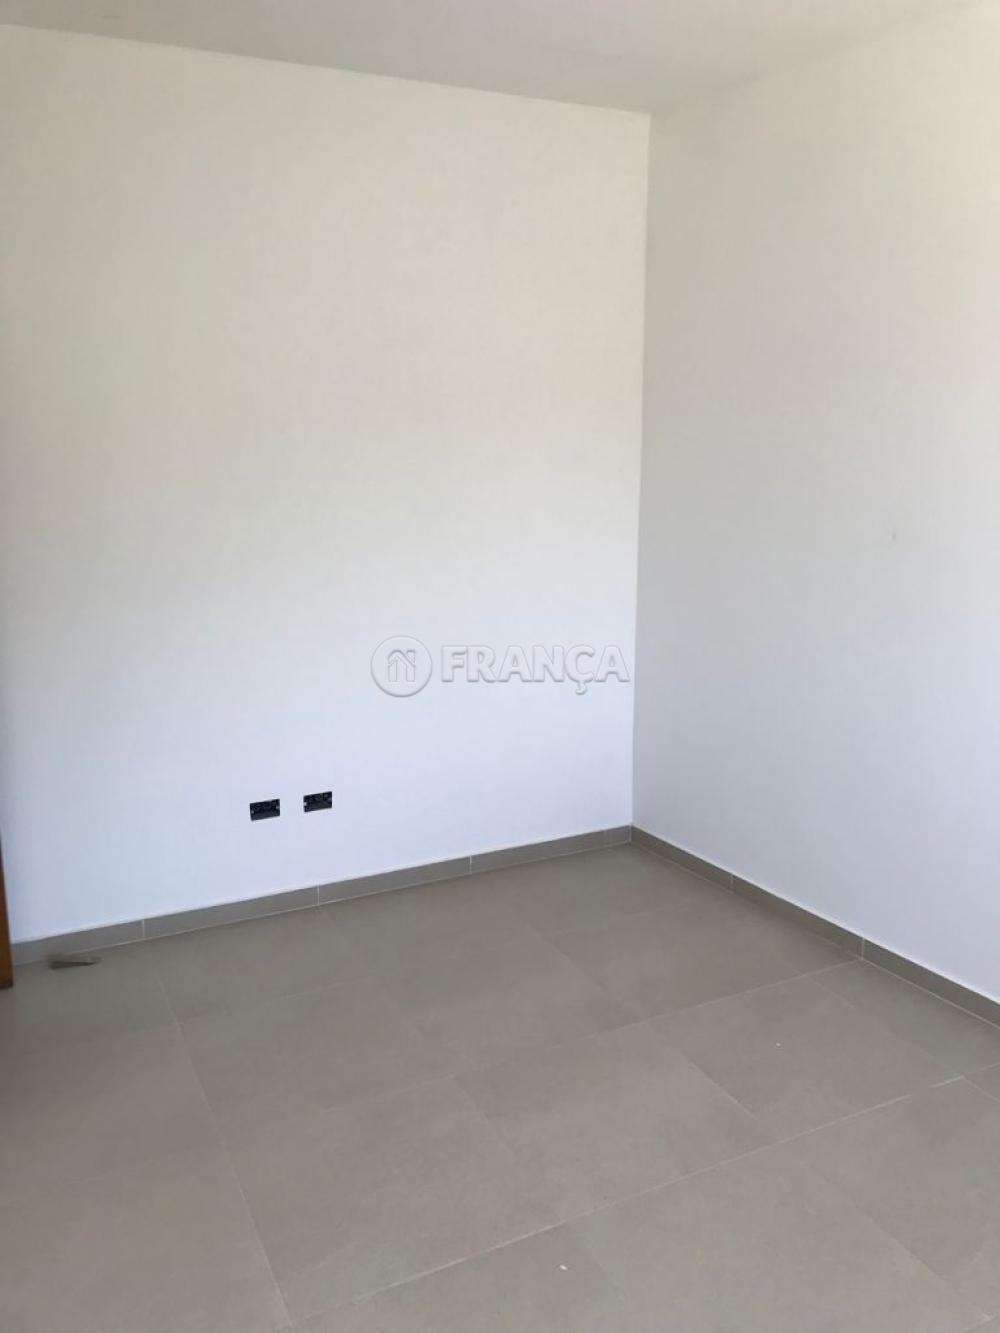 Comprar Casa / Padrão em Jacareí R$ 240.000,00 - Foto 8